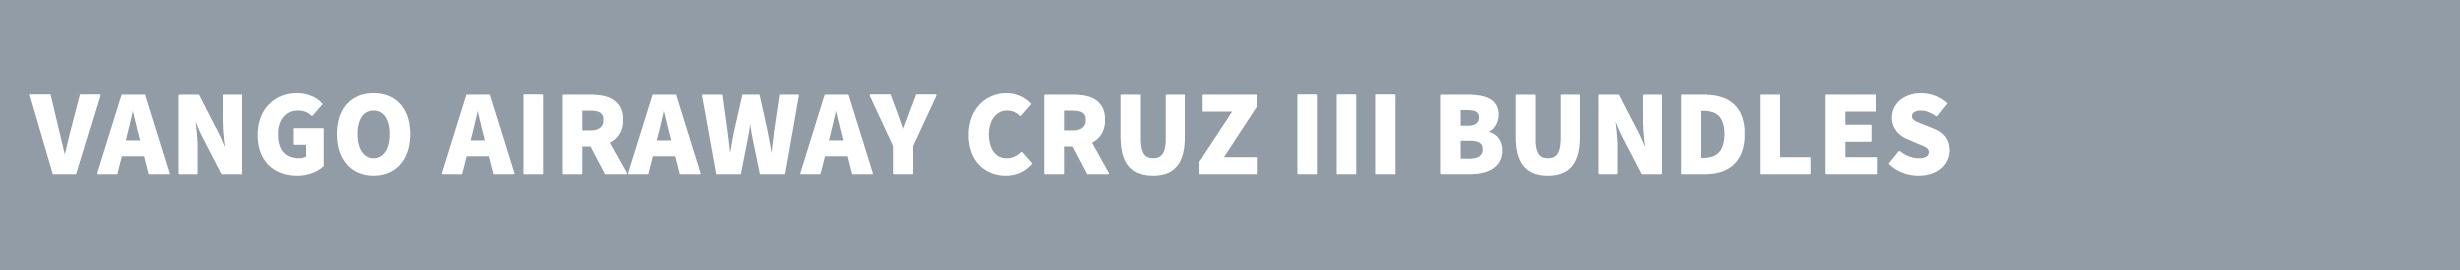 VANGO AIRAWAY CRUZ III BUNDLES